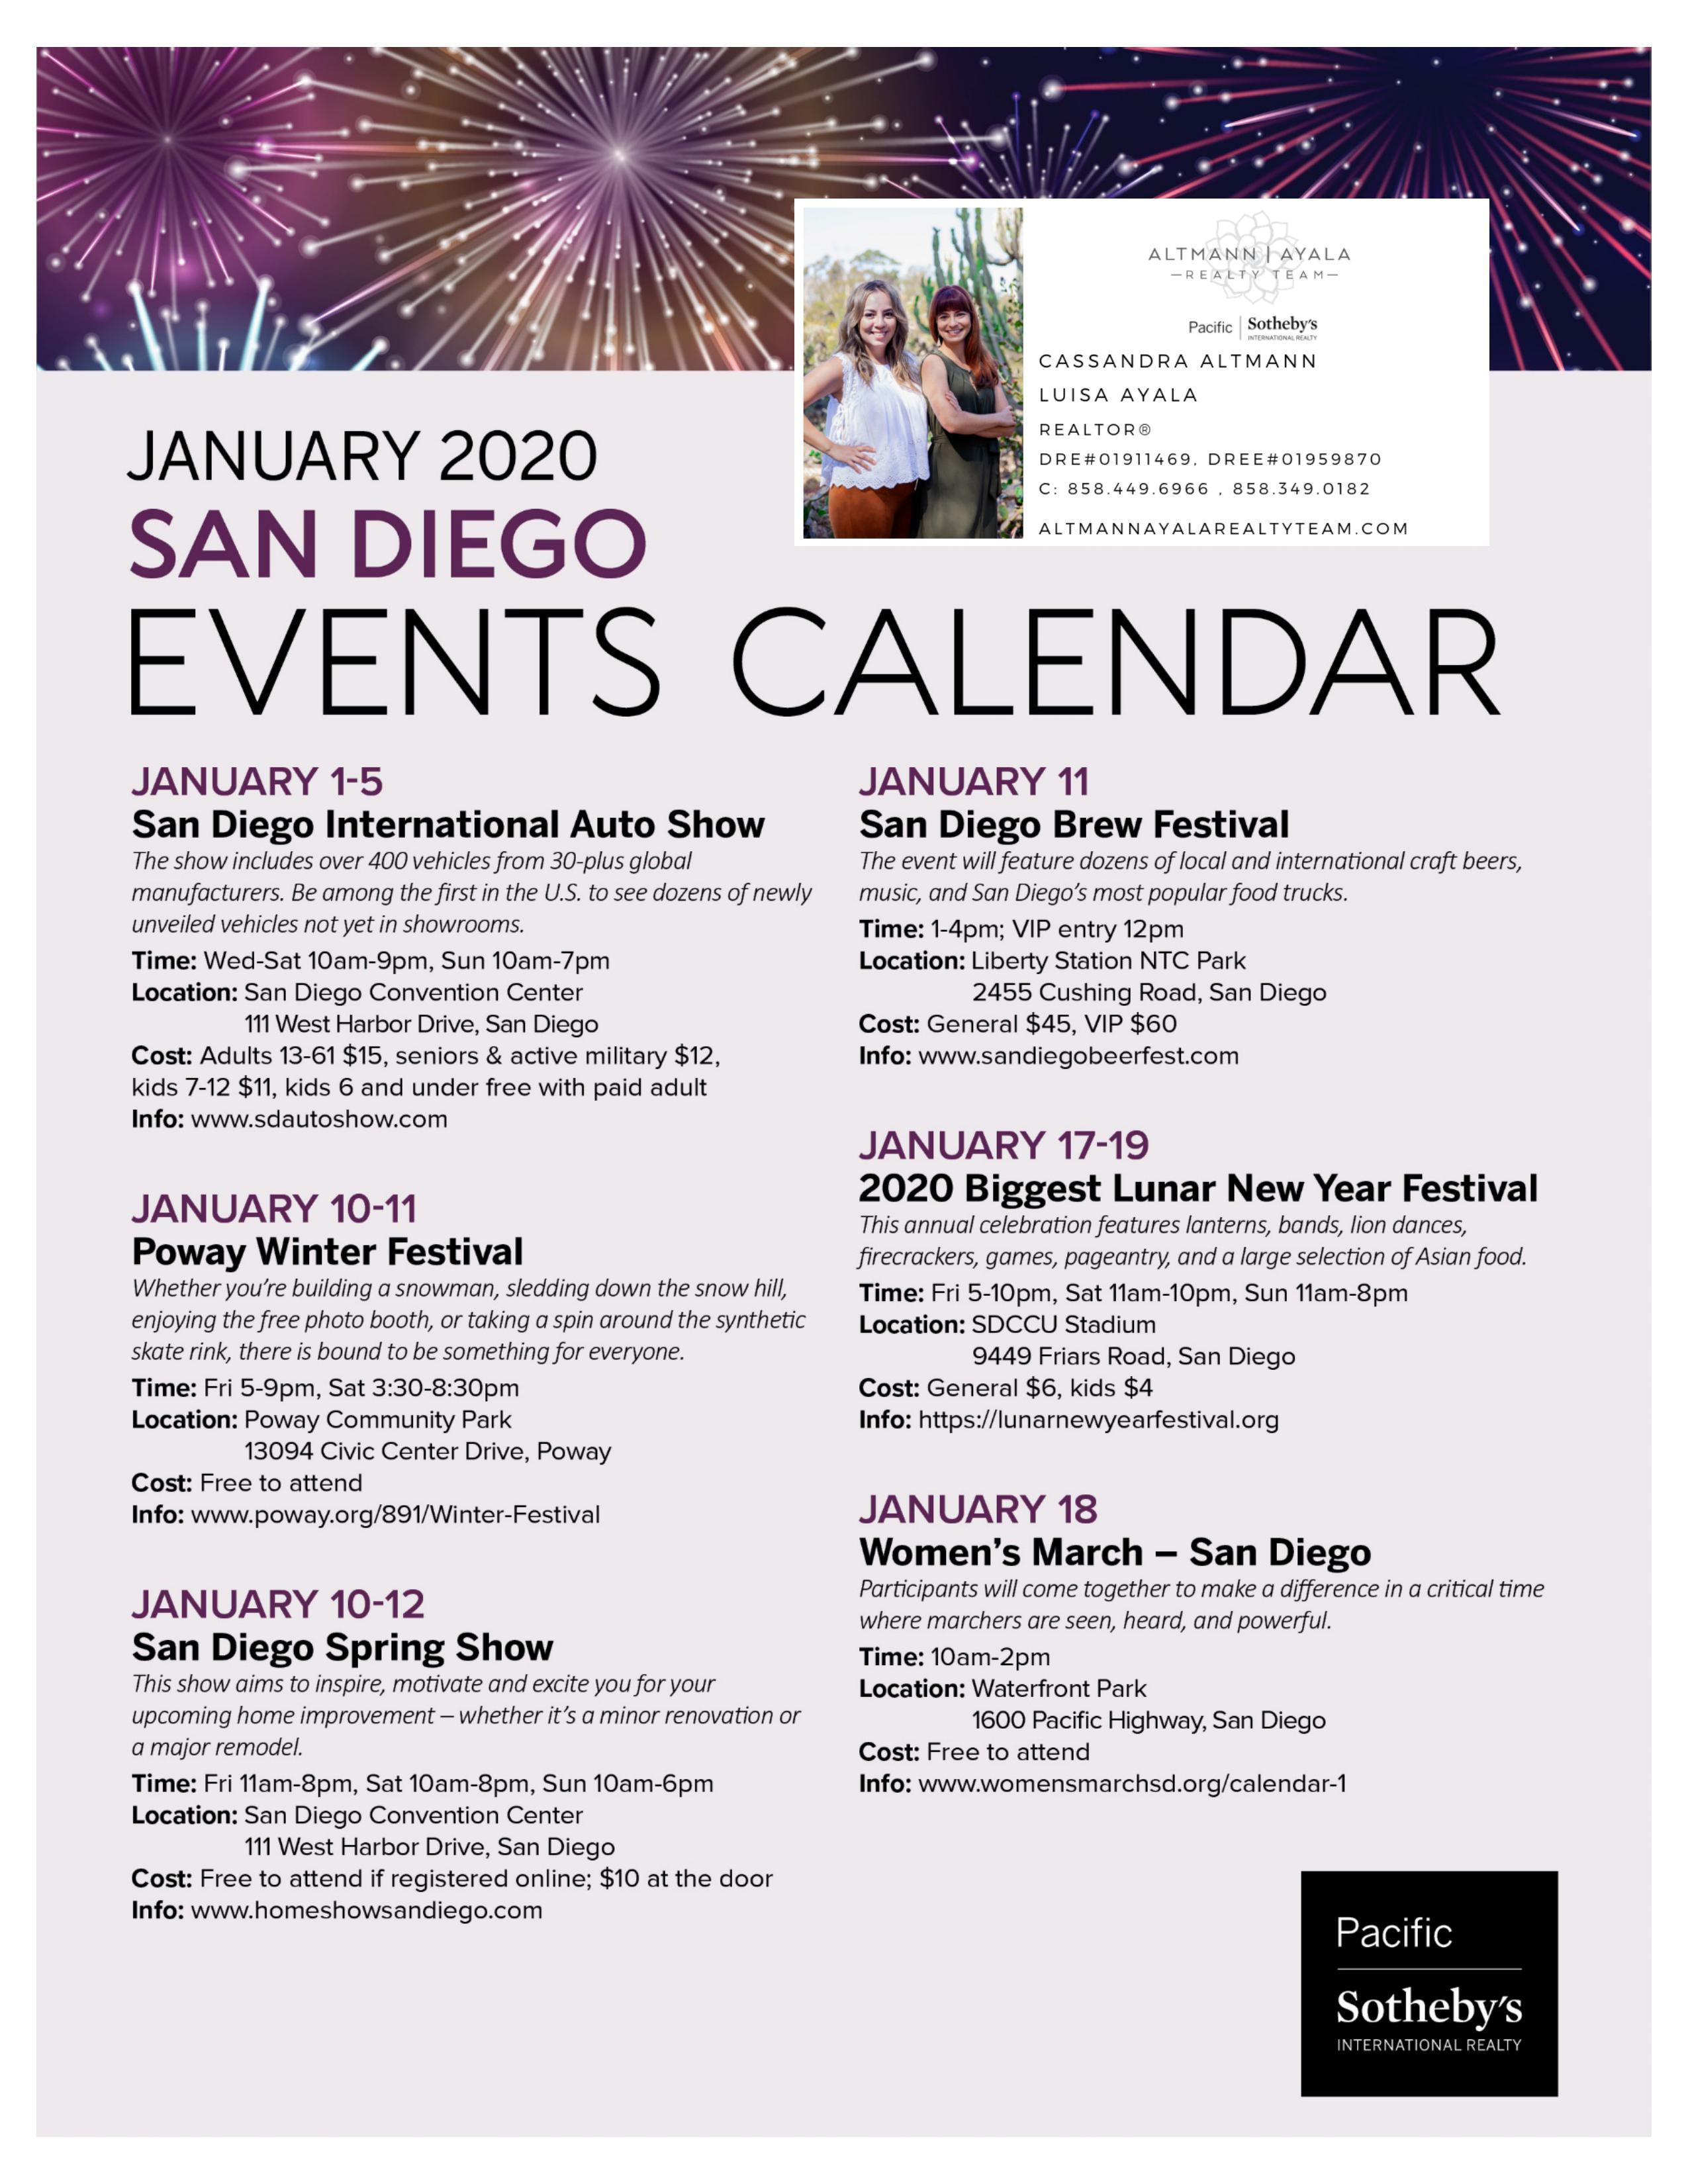 January 2020: San Diego Event Calendar